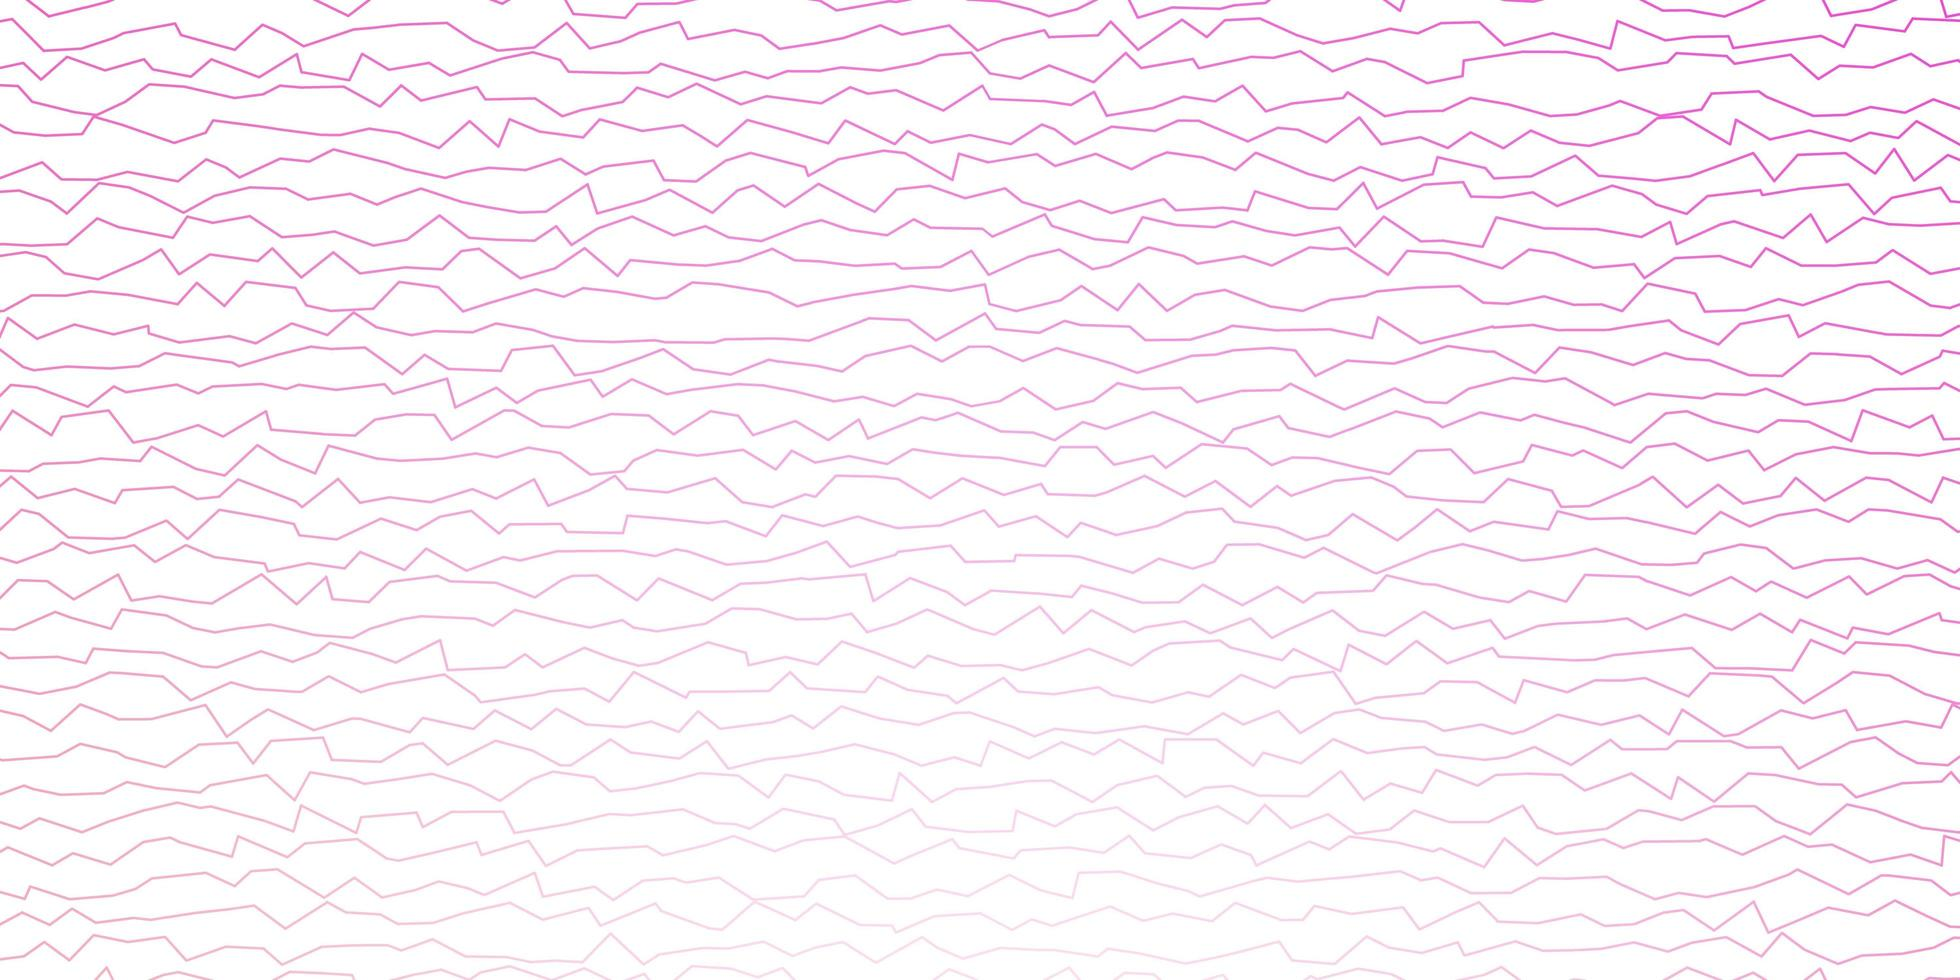 mörkrosa vektorlayout med cirkelbåge. vektor